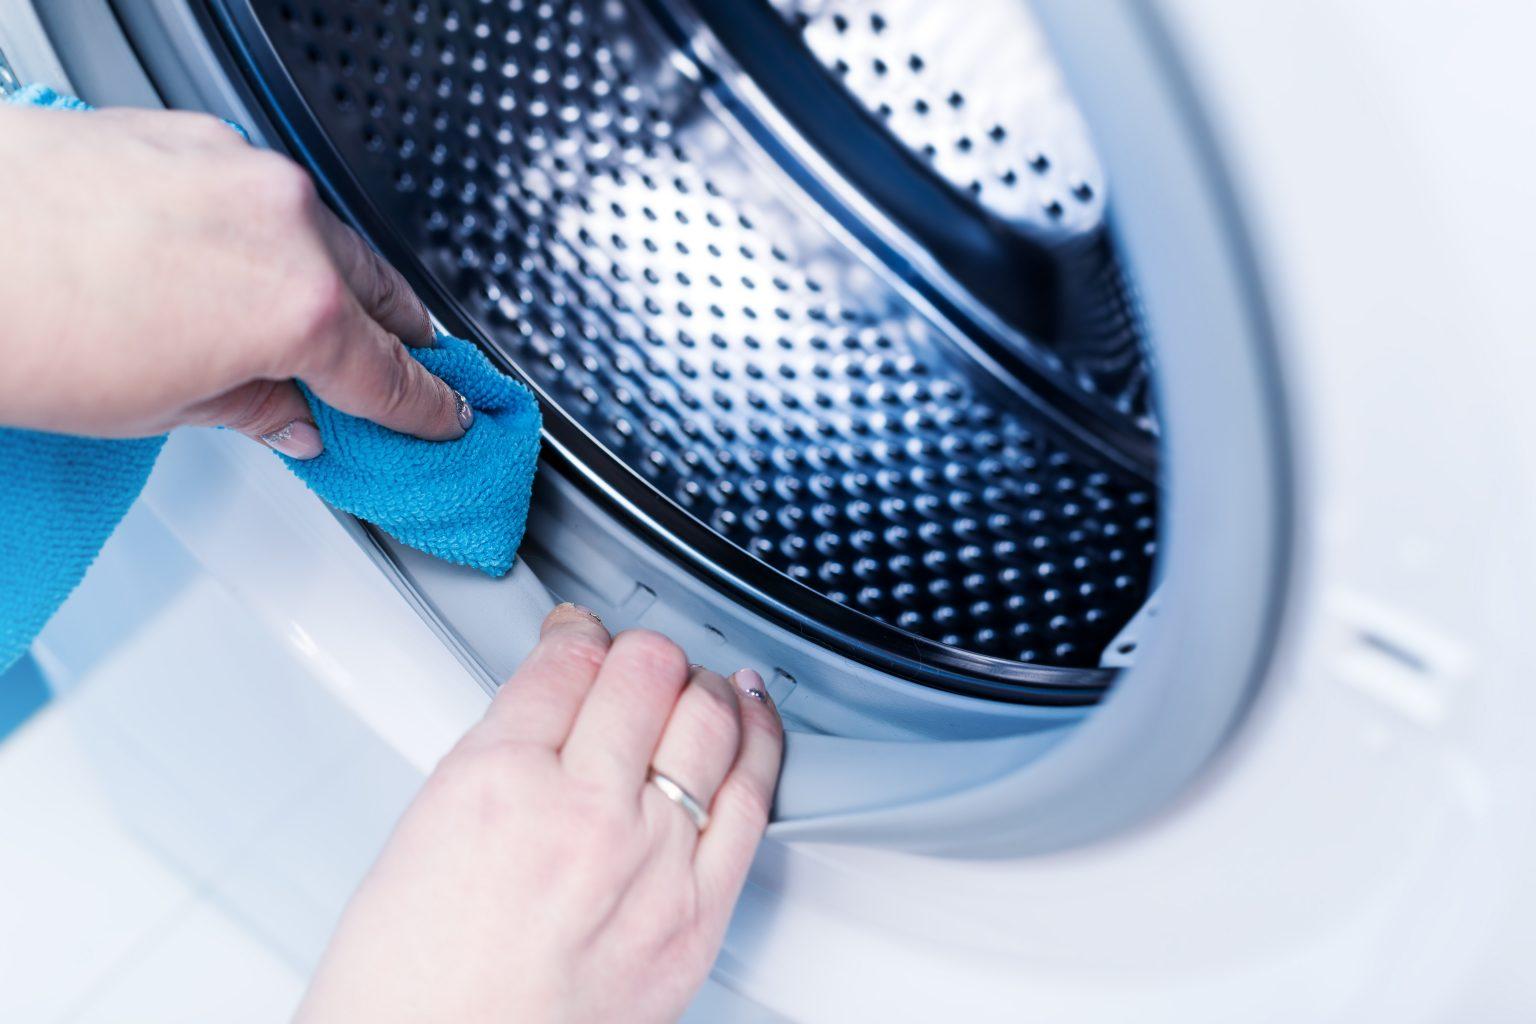 Çamaşır makinesinin içi nasıl temizlenir?